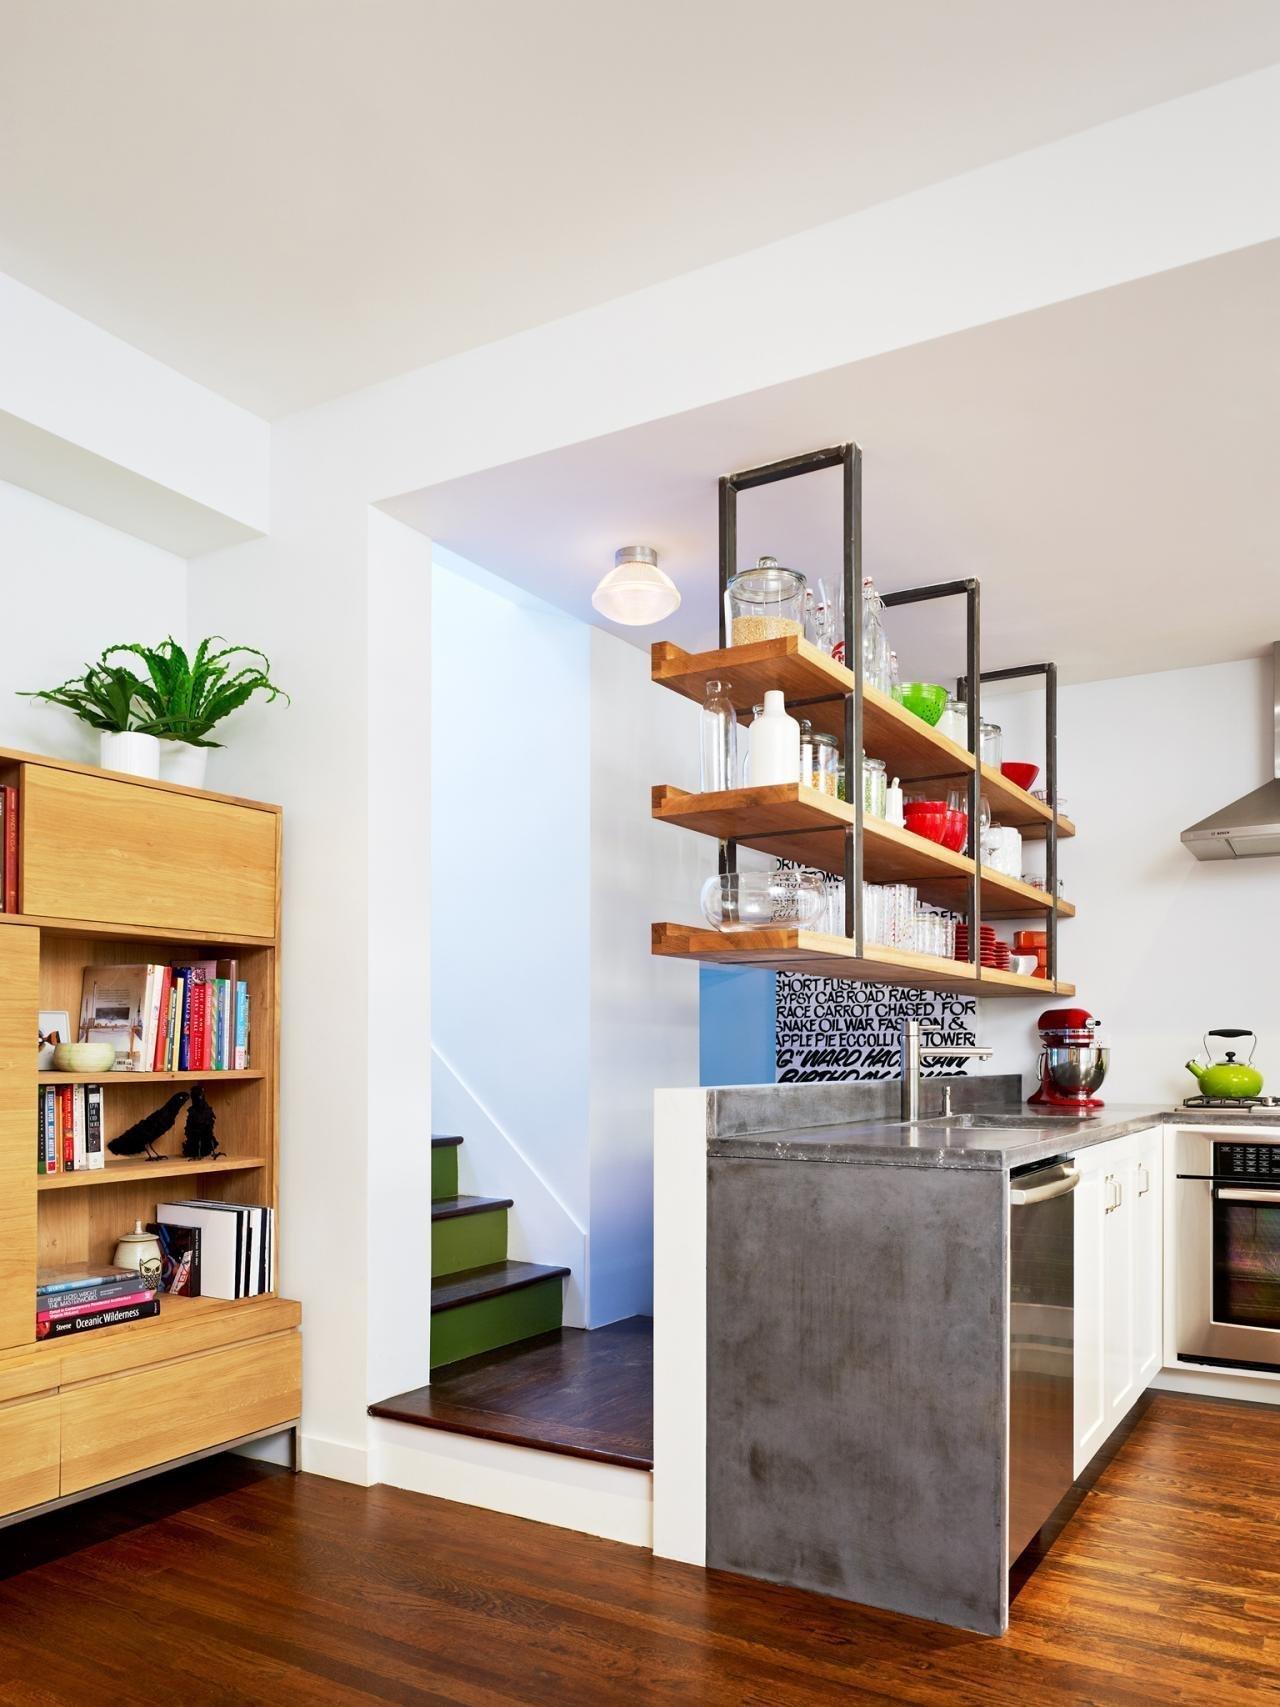 Moderní kuchyně se dnes zcela obejdou bez závěsných skříněk.